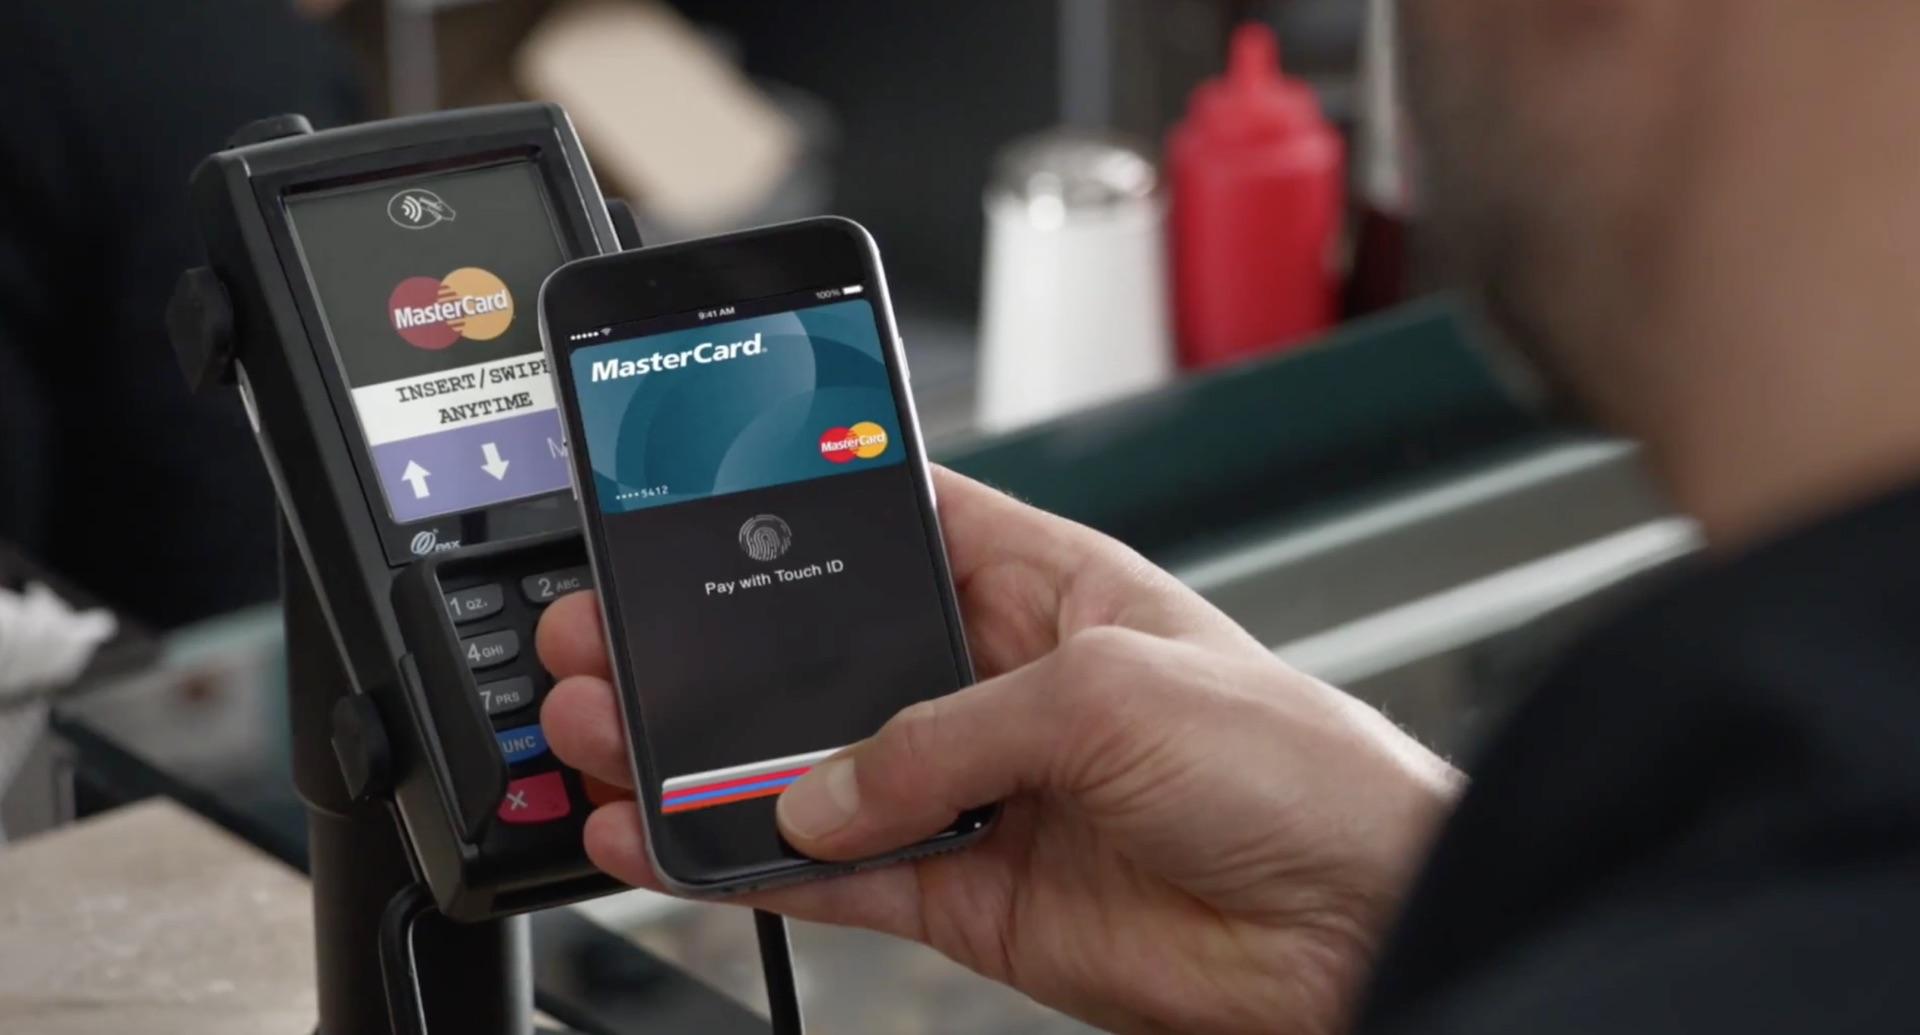 Технология оплаты через смартфон набирает популярность